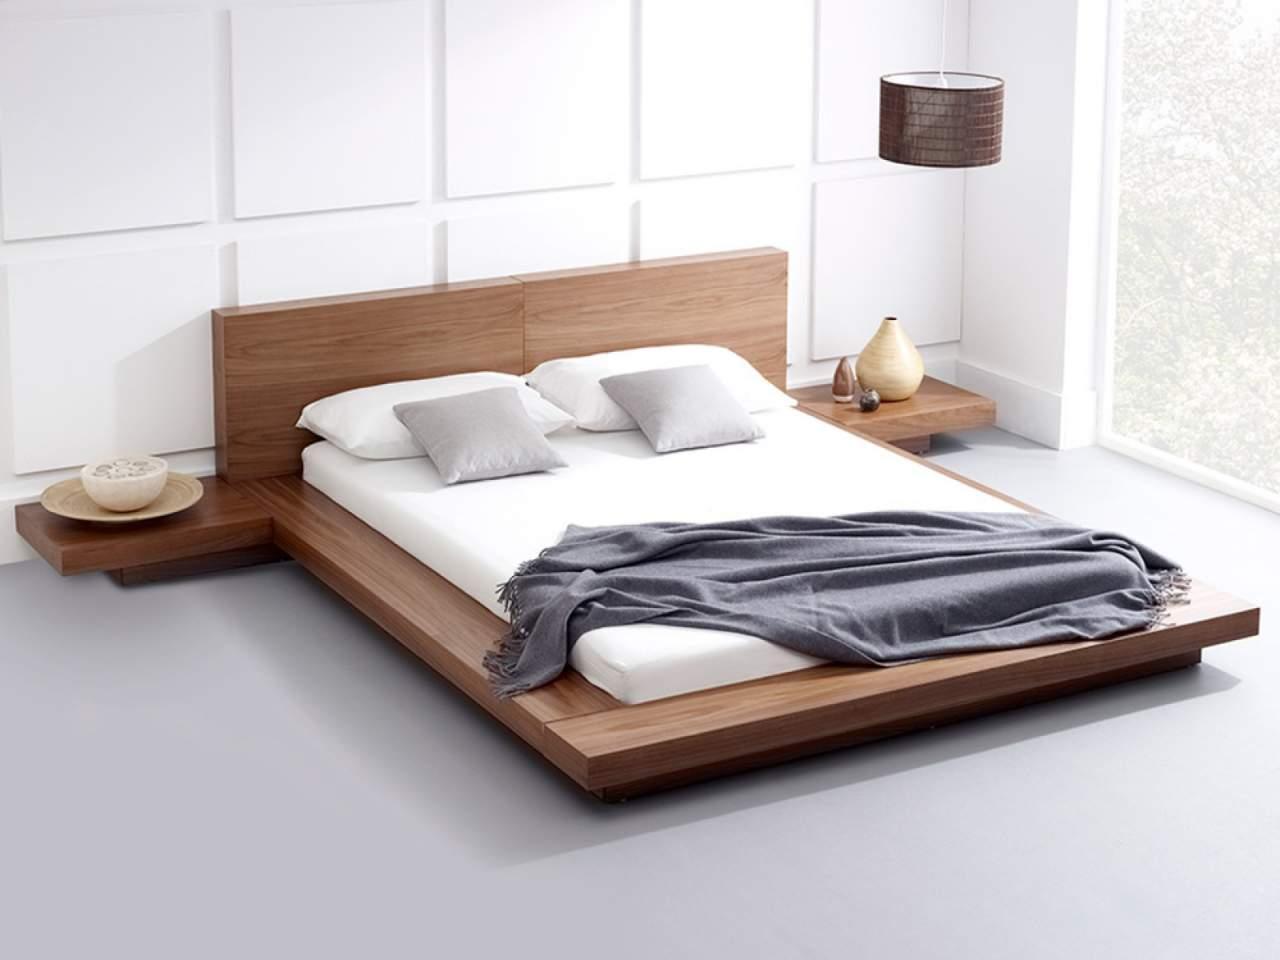 Mẫu giường ngủ gỗ hộp – TC14156